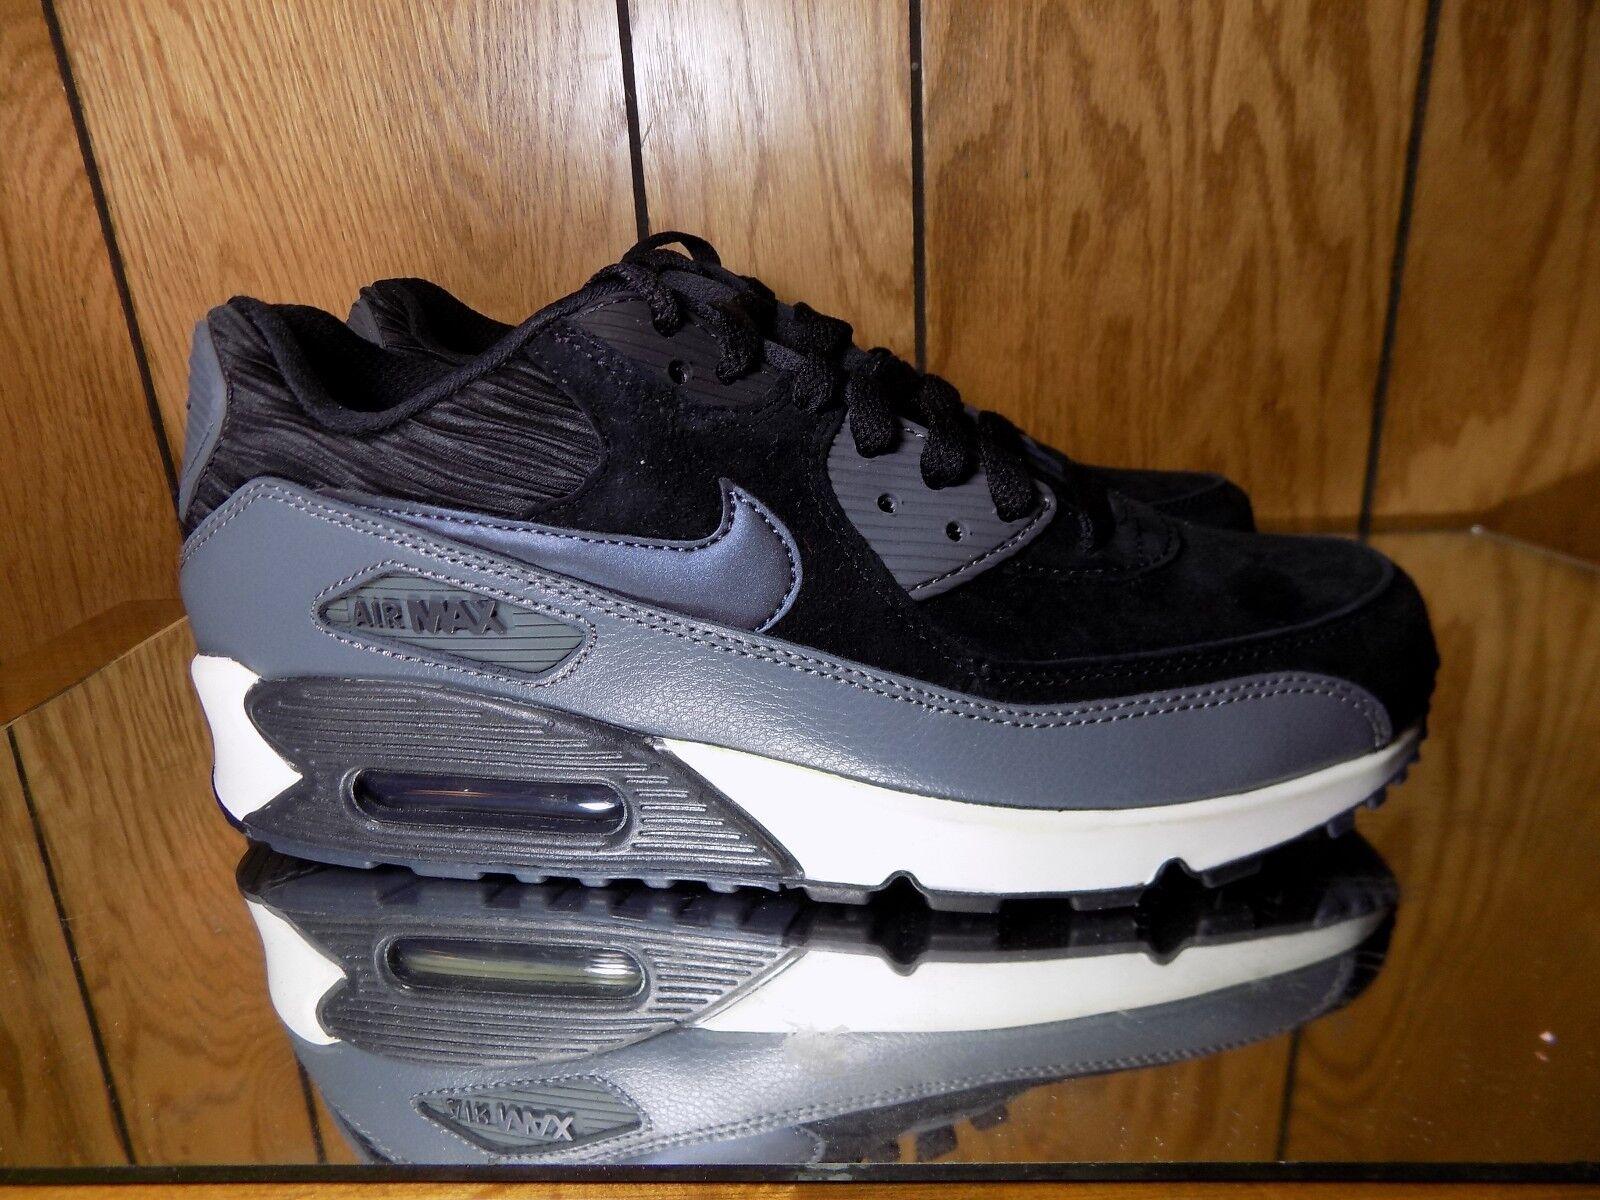 Nike air max 90 lthr wmn scarpa sz 8 768887-001 nero metallizzato ematite